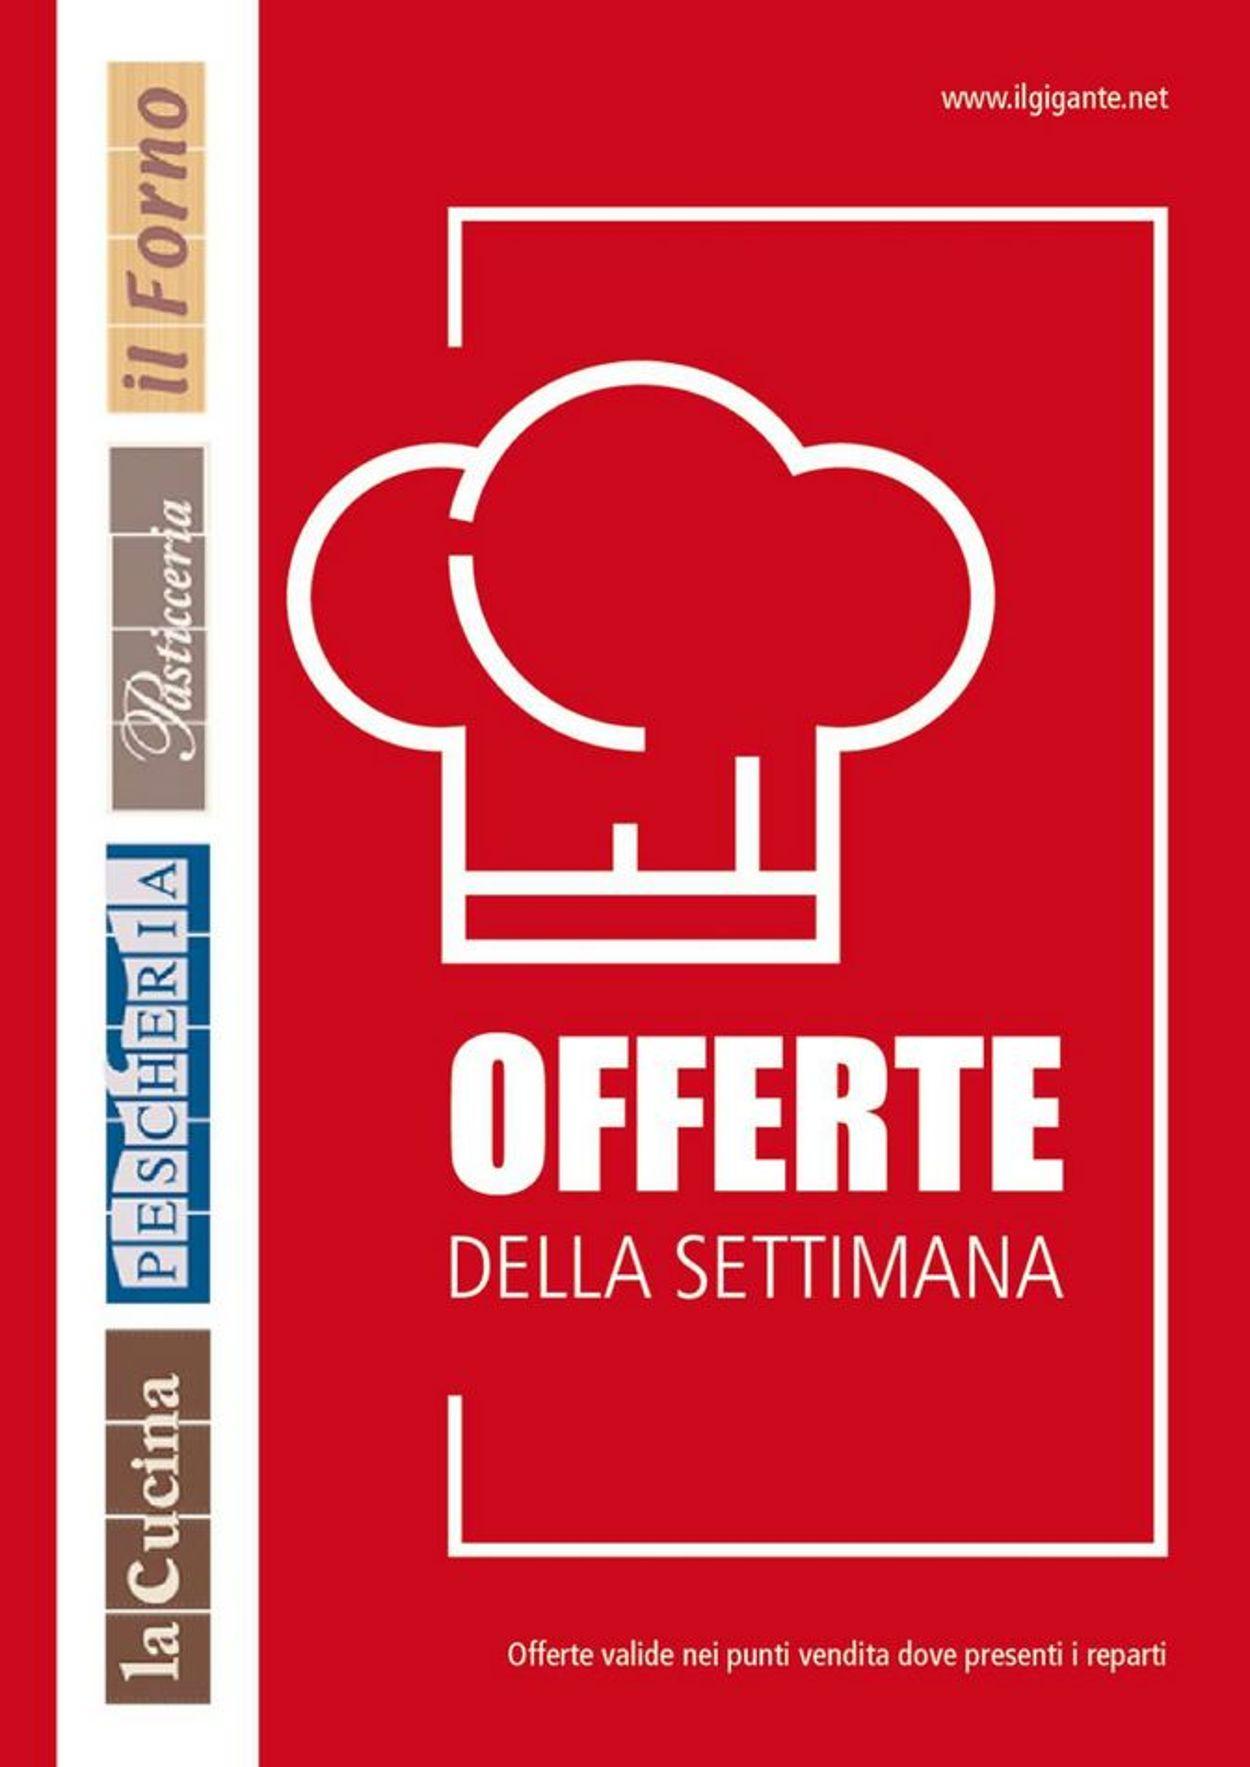 Volantino Il Gigante - Offerte 20/05-30/06/2020